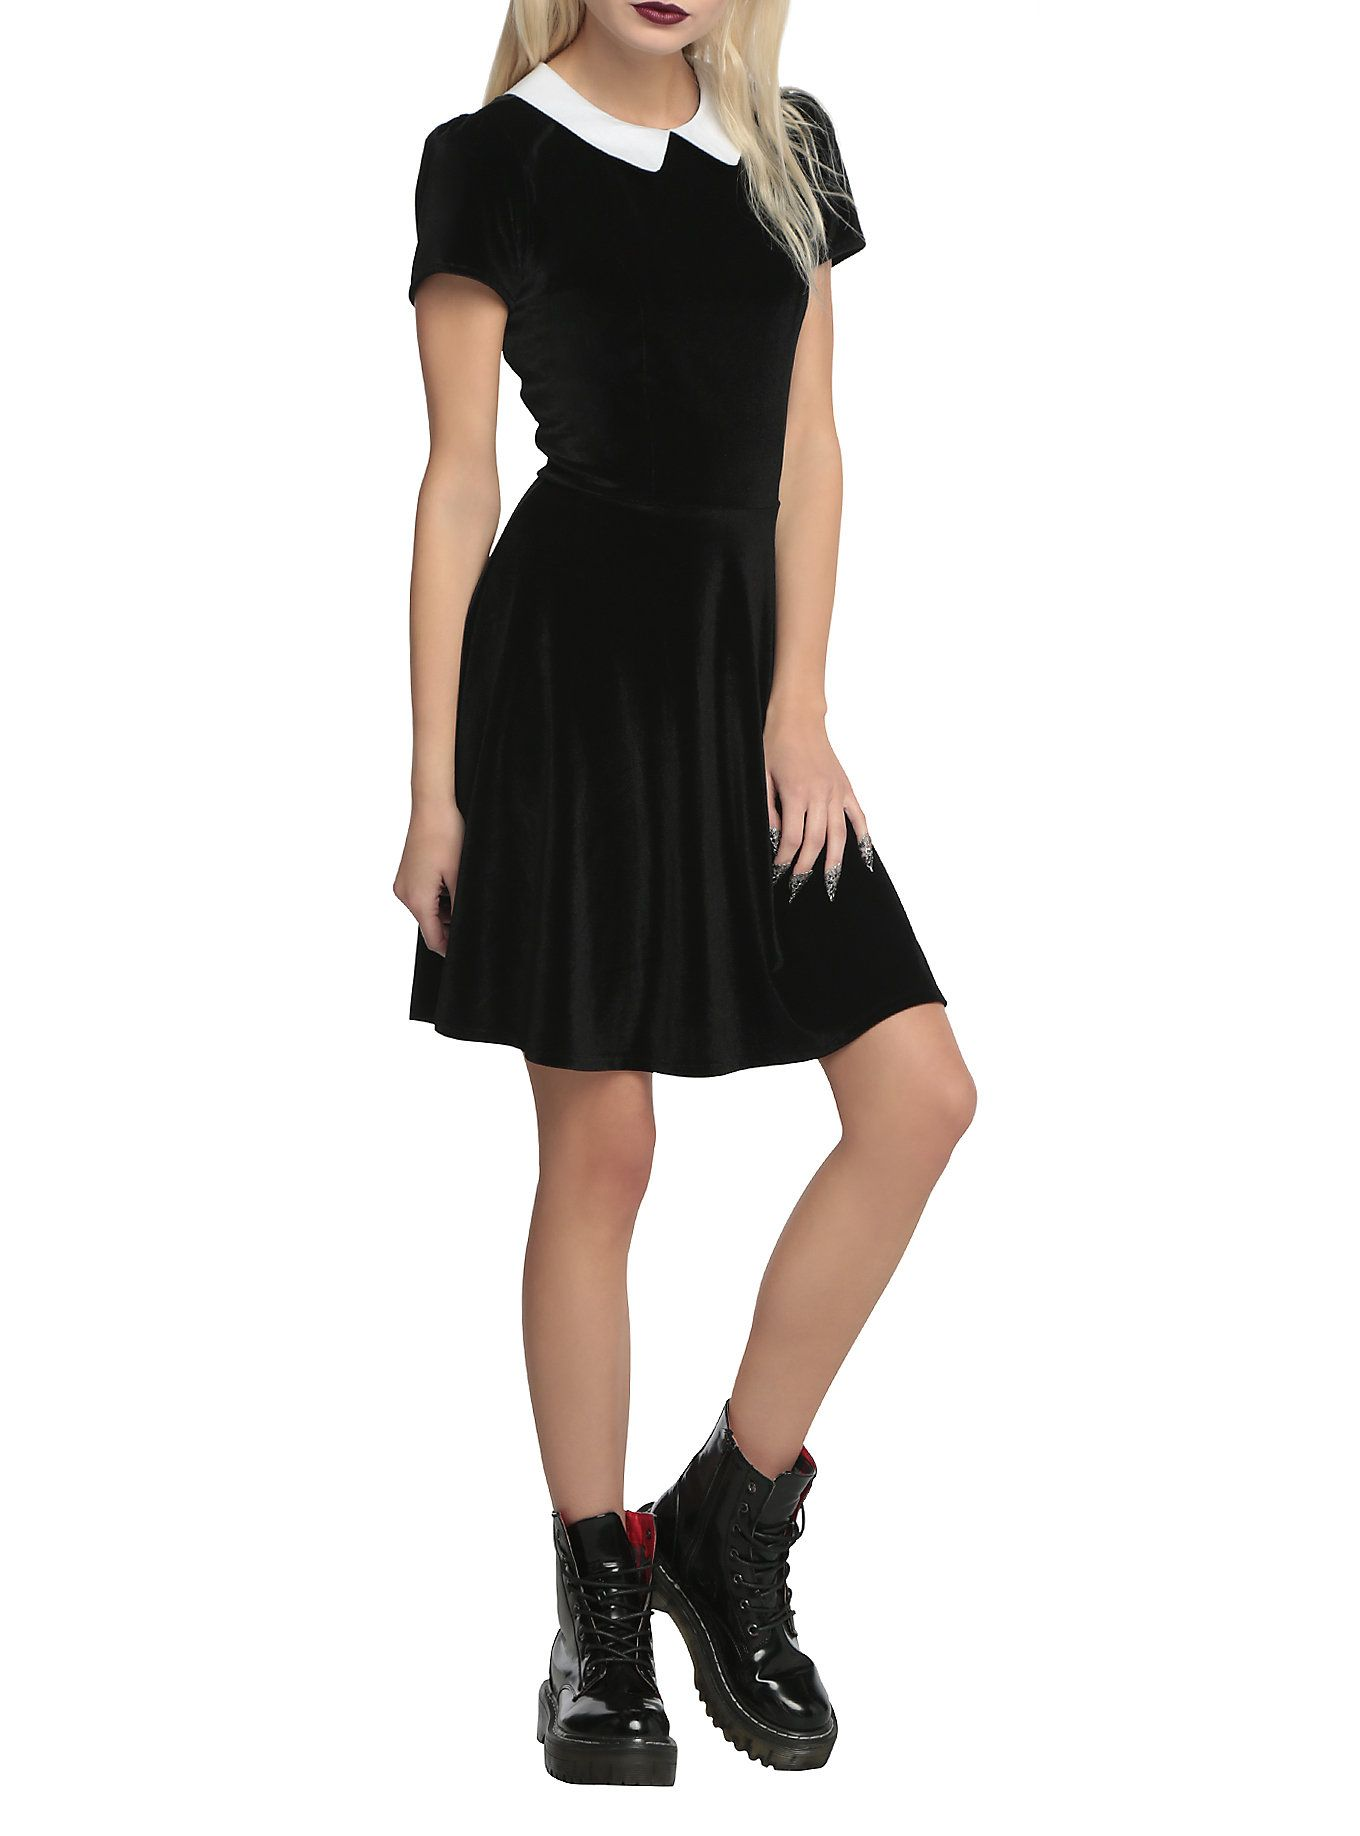 Black Velvet White Collar Dress   My Style   White collar